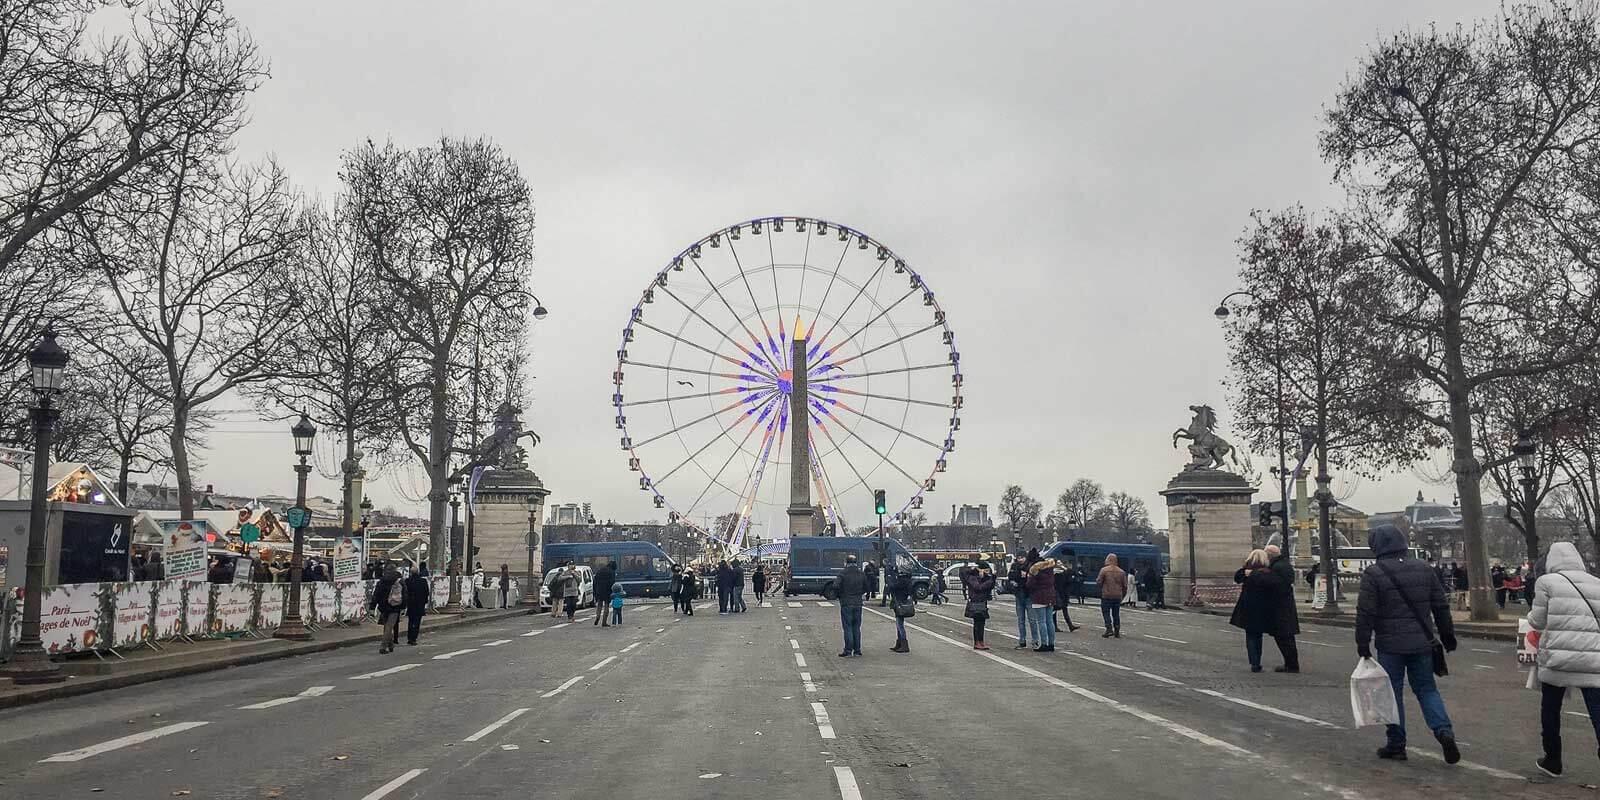 Paris' ferris wheel from Avenue des Champs Elysées on a gray Winter day.